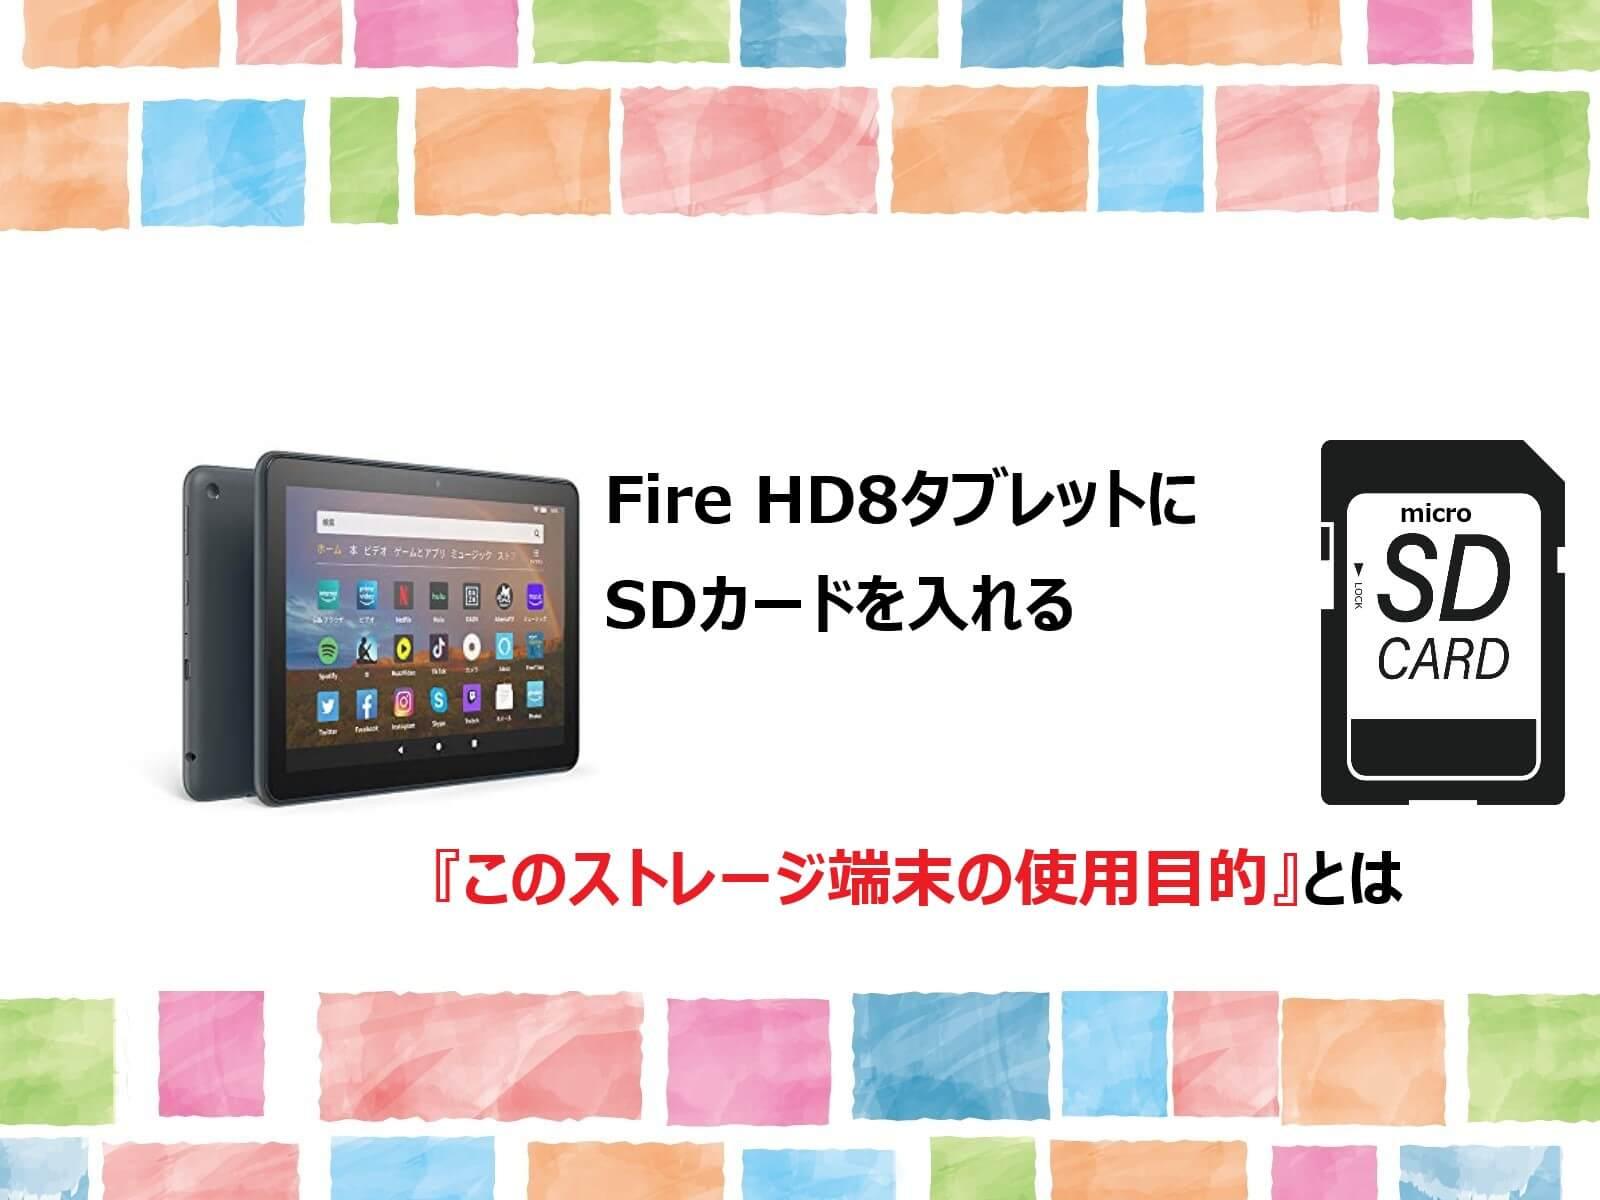 Fire Hd8タブレットにsdカードを入れる このストレージ端末の使用目的 とは